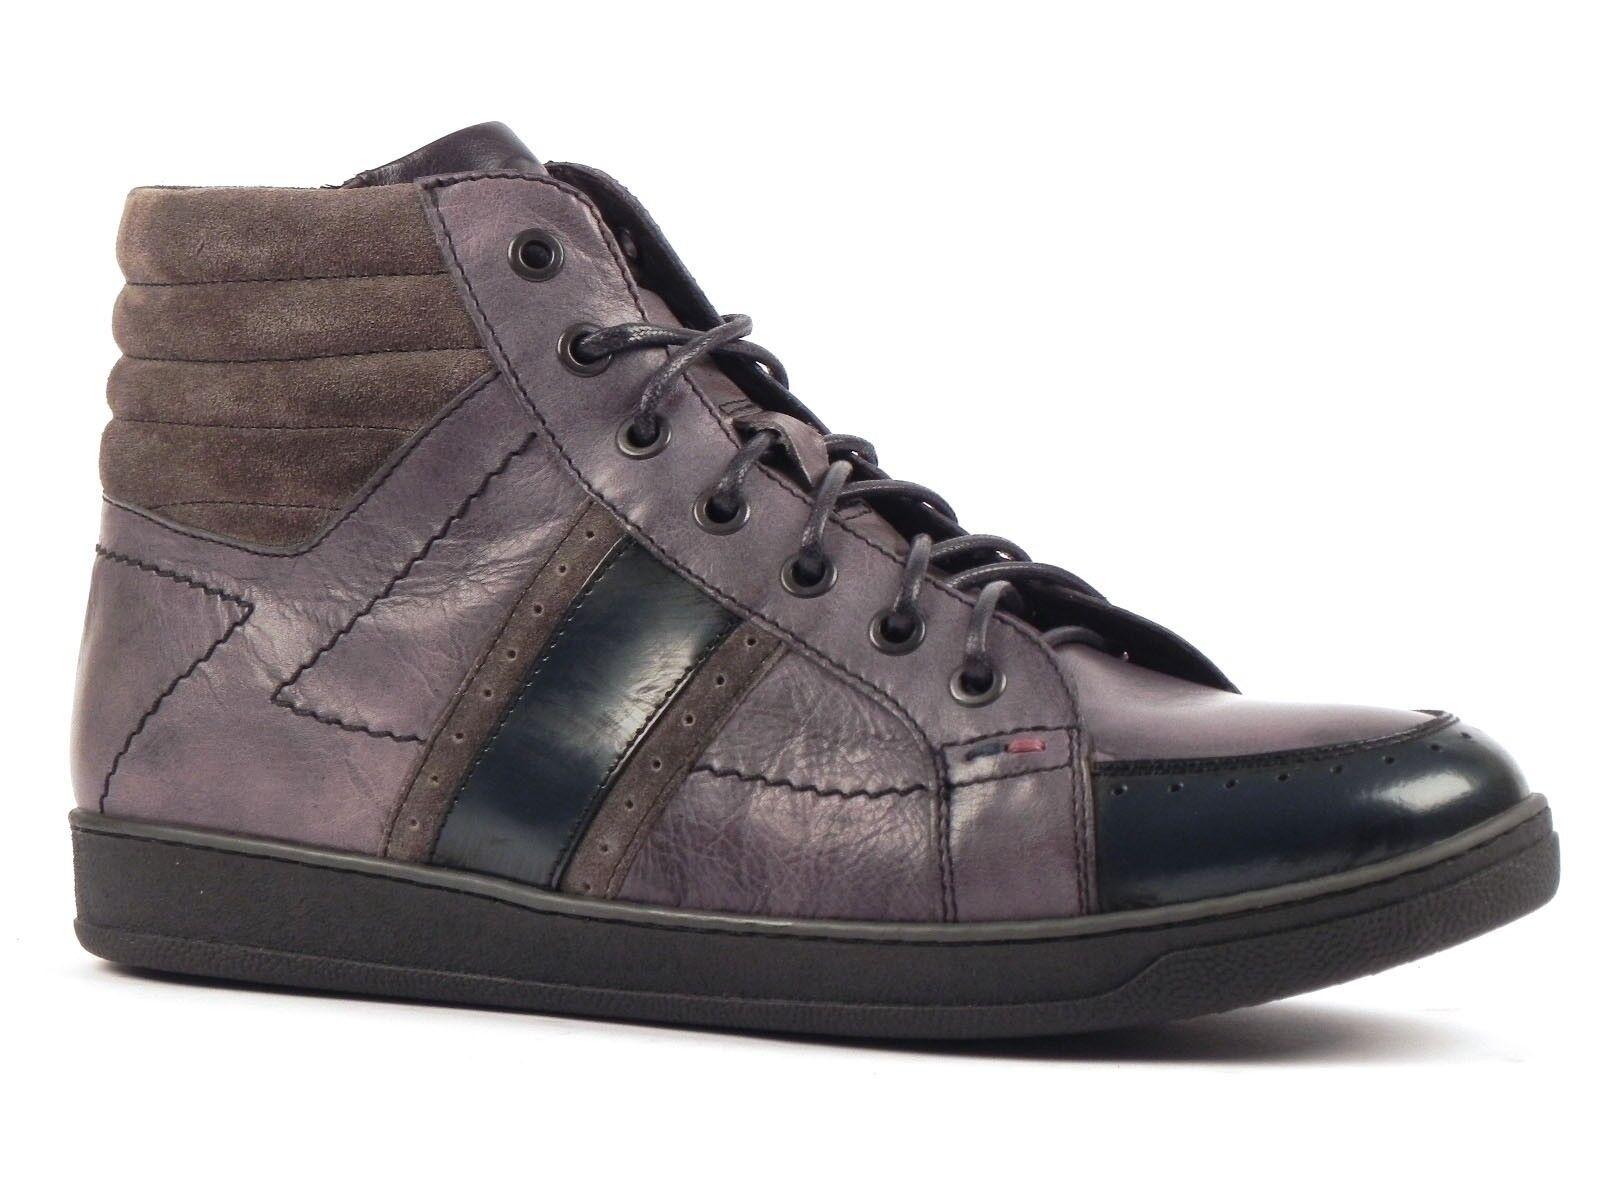 Zapatos  hombre LION INVERNO 10631  Zapatos POLACCHINO MARE/Gris a2b779